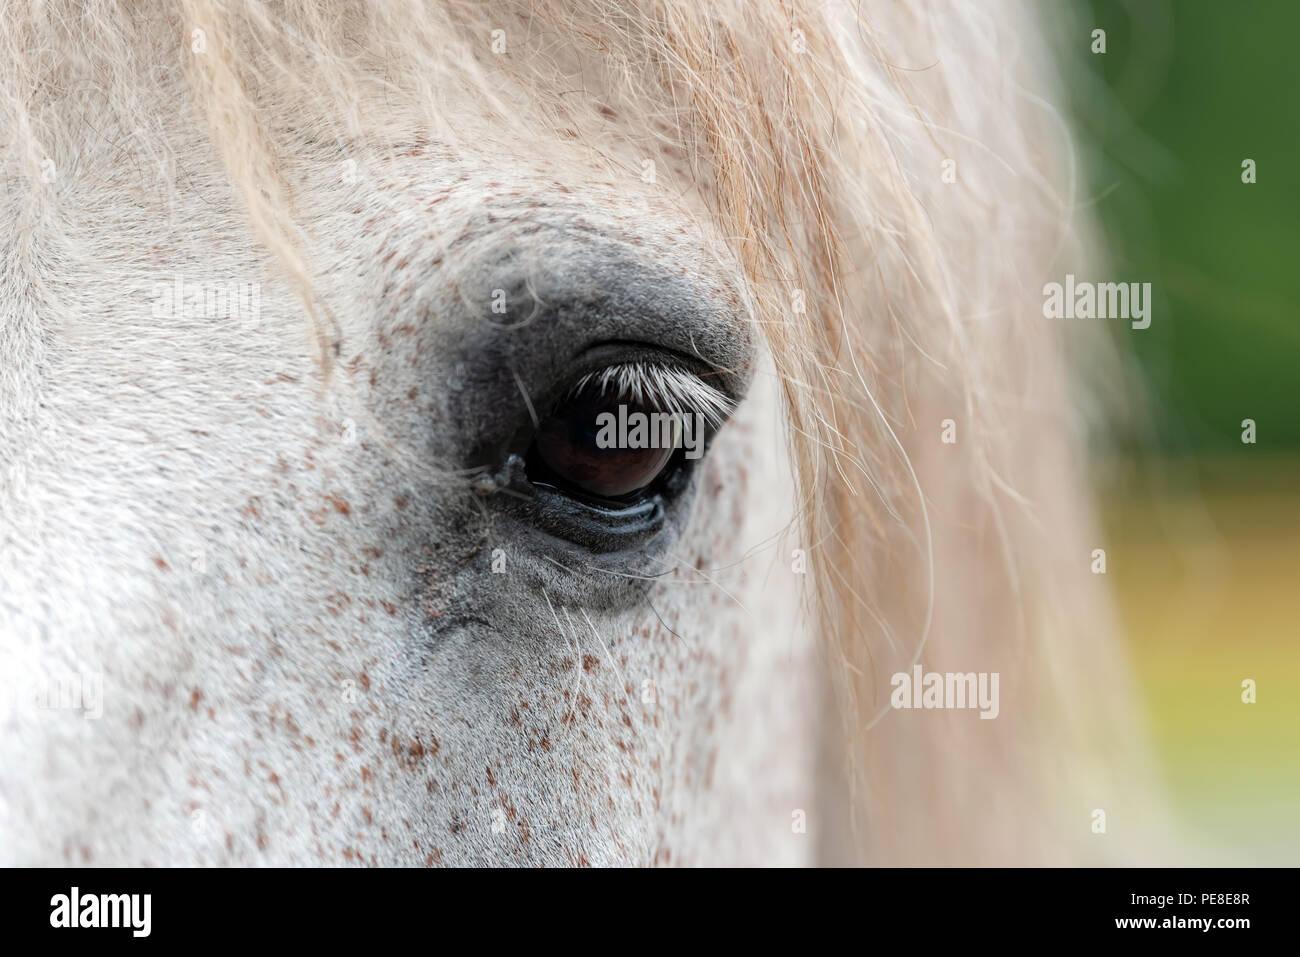 Close up white horse eye - Stock Image